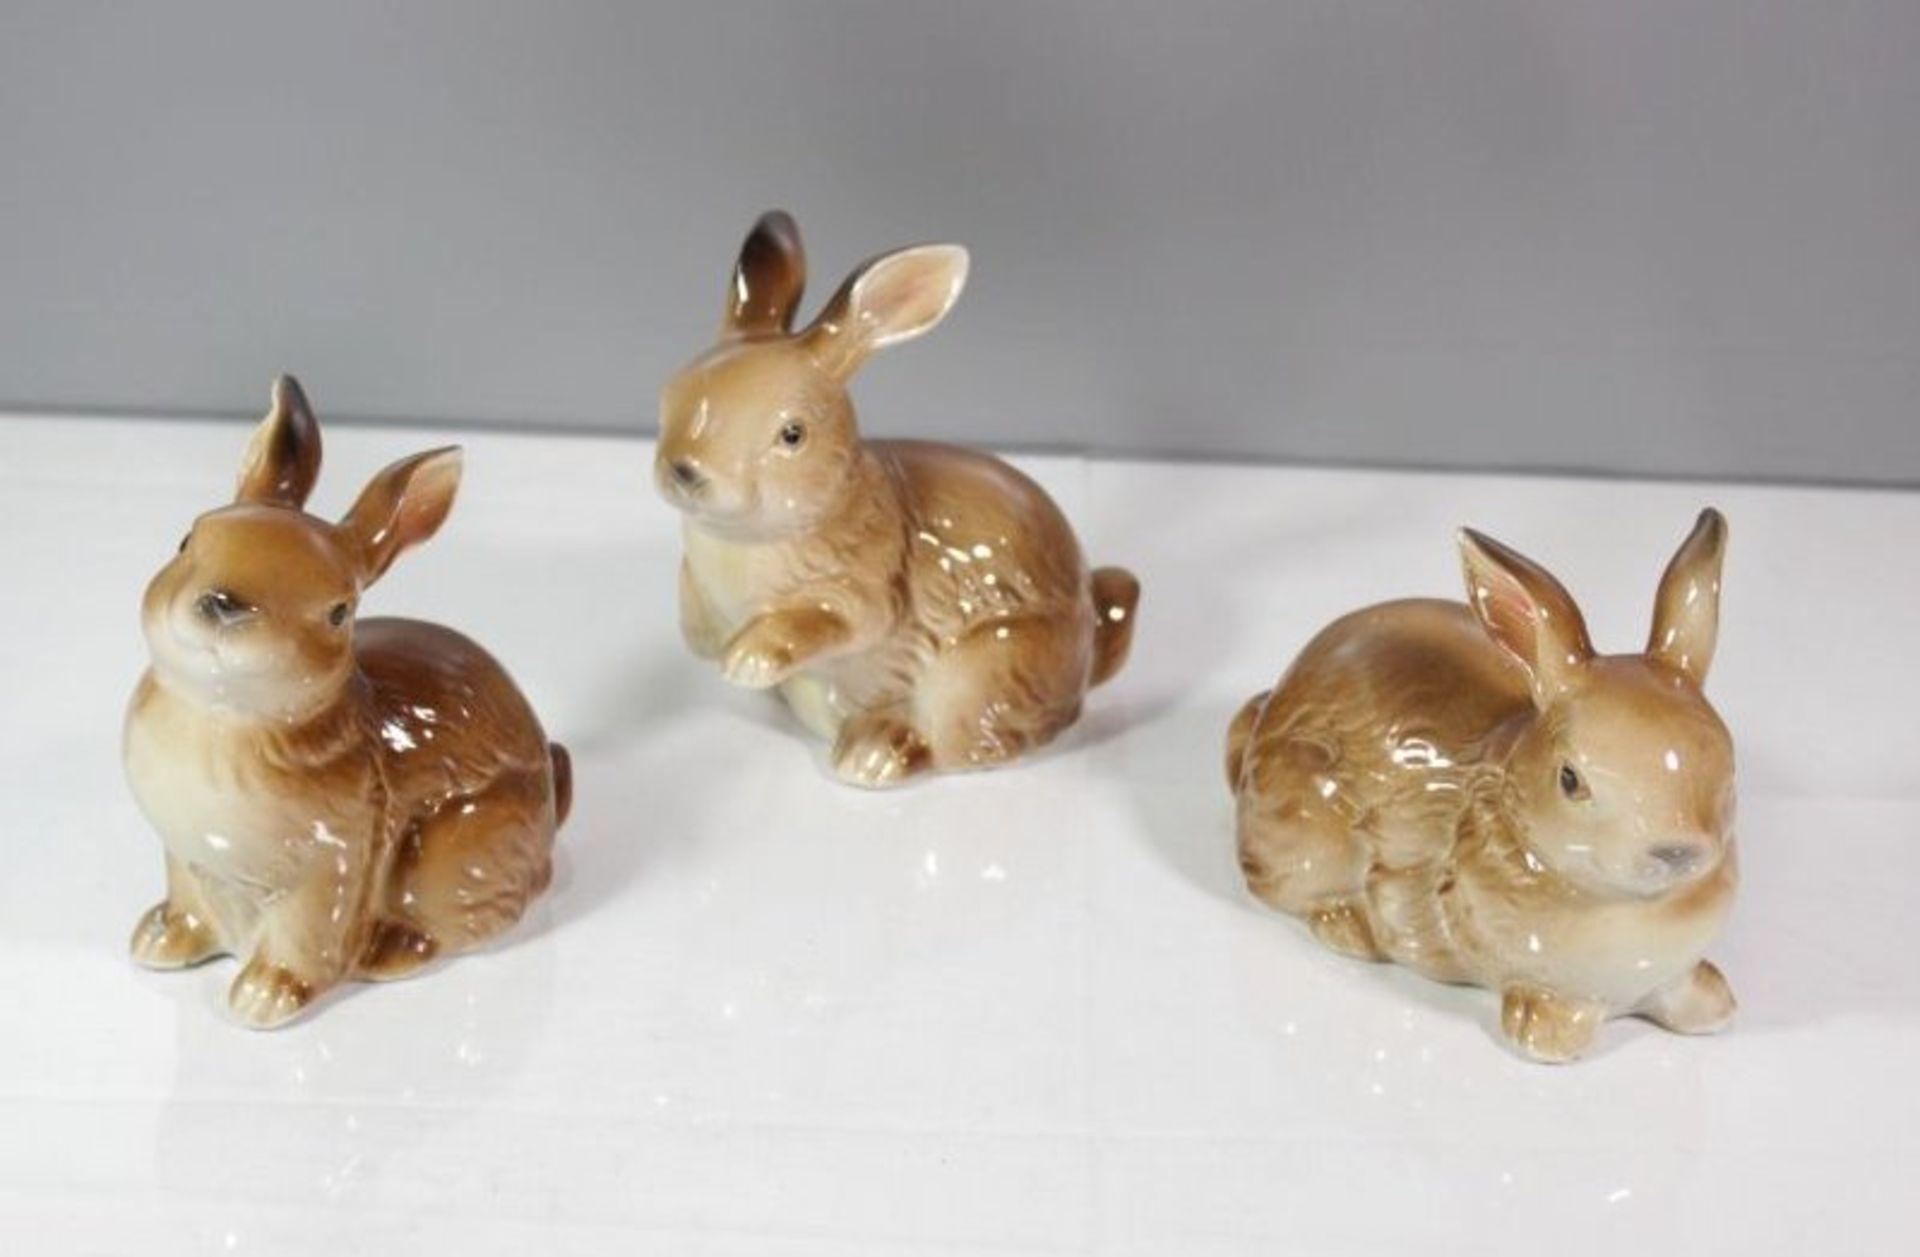 Los 1049 - 3x Hasenfiguren, ungemarkt, neuzeit., polychr. Bemalung in Unterglasurfarben, ca. H-12,5cm.